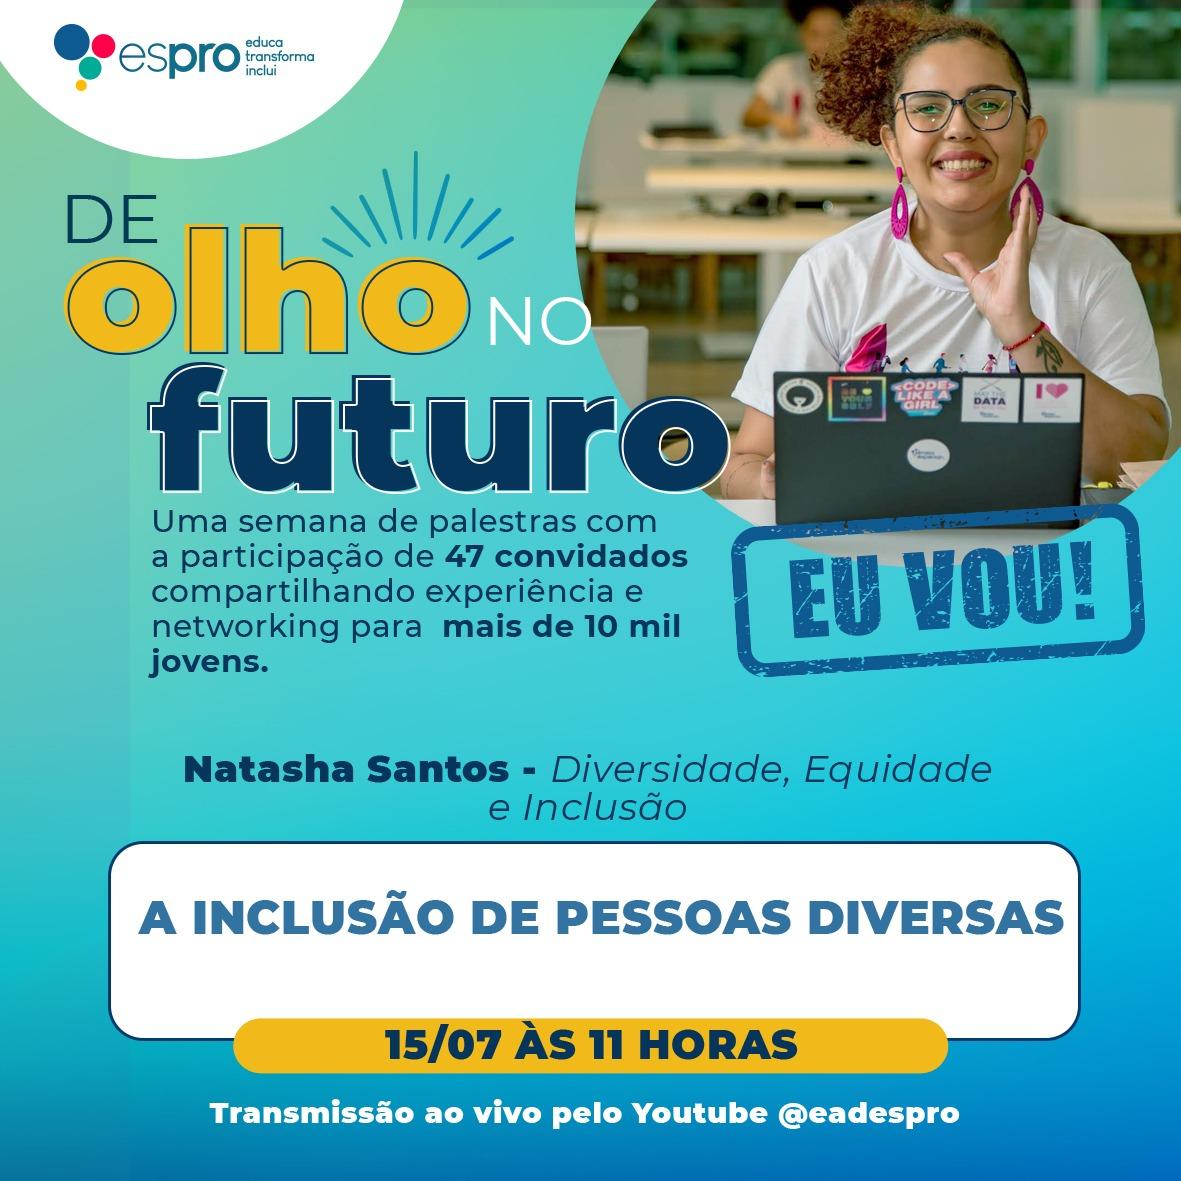 A INCLUSÃO DE PESSOAS DIVERSAS